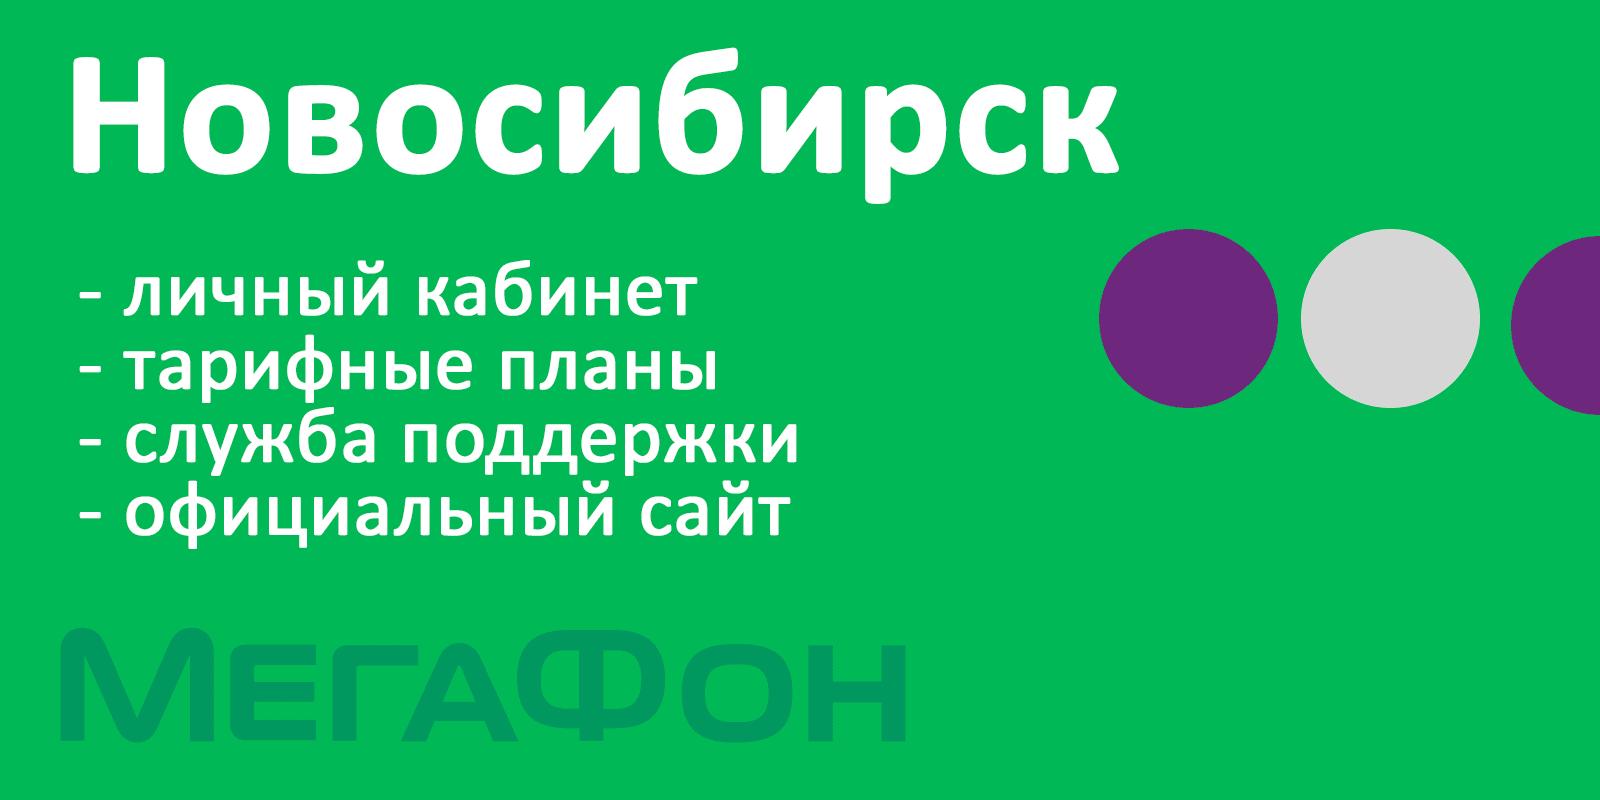 Мегафон Новосибирск - личный кабинет, тарифы, сайт